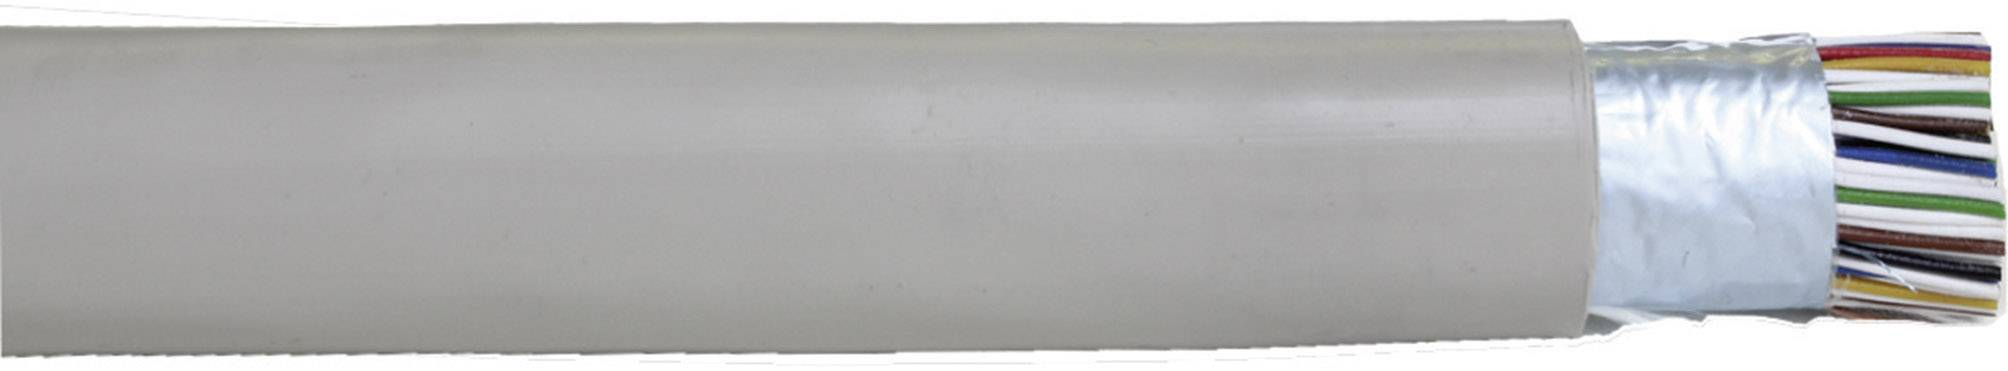 Telefónny kábel J-Y(ST)Y Faber Kabel 100011, 6 x 2 x 0.60 mm, sivá, metrový tovar